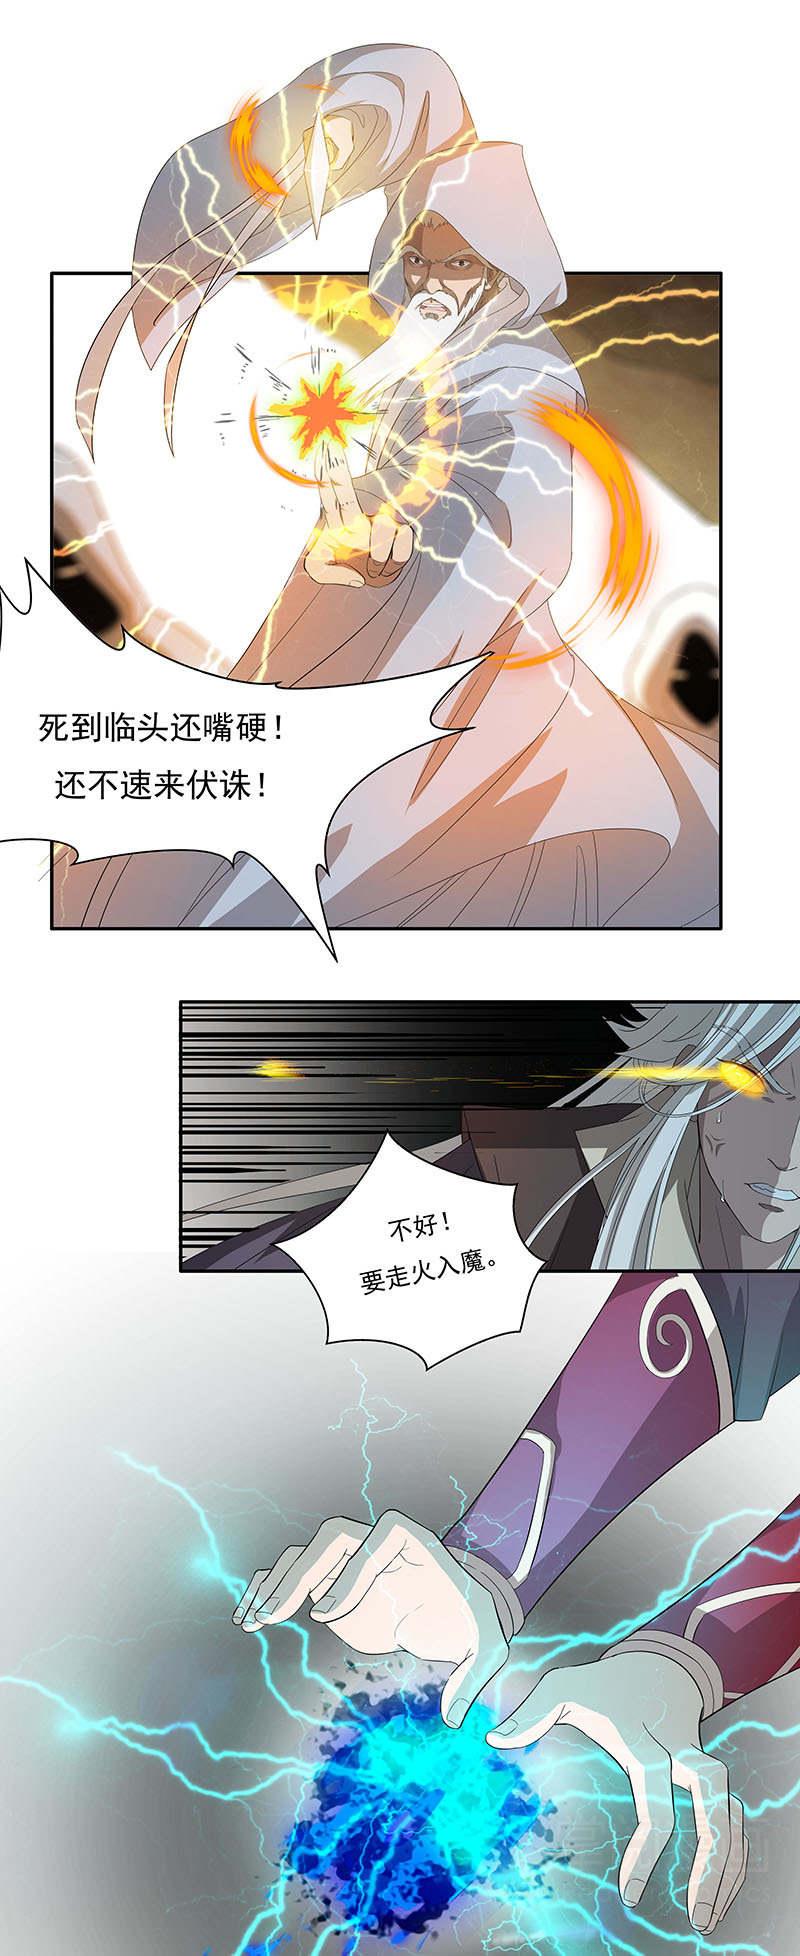 废柴逆天召唤师第3话  误惹邪帝 第 16